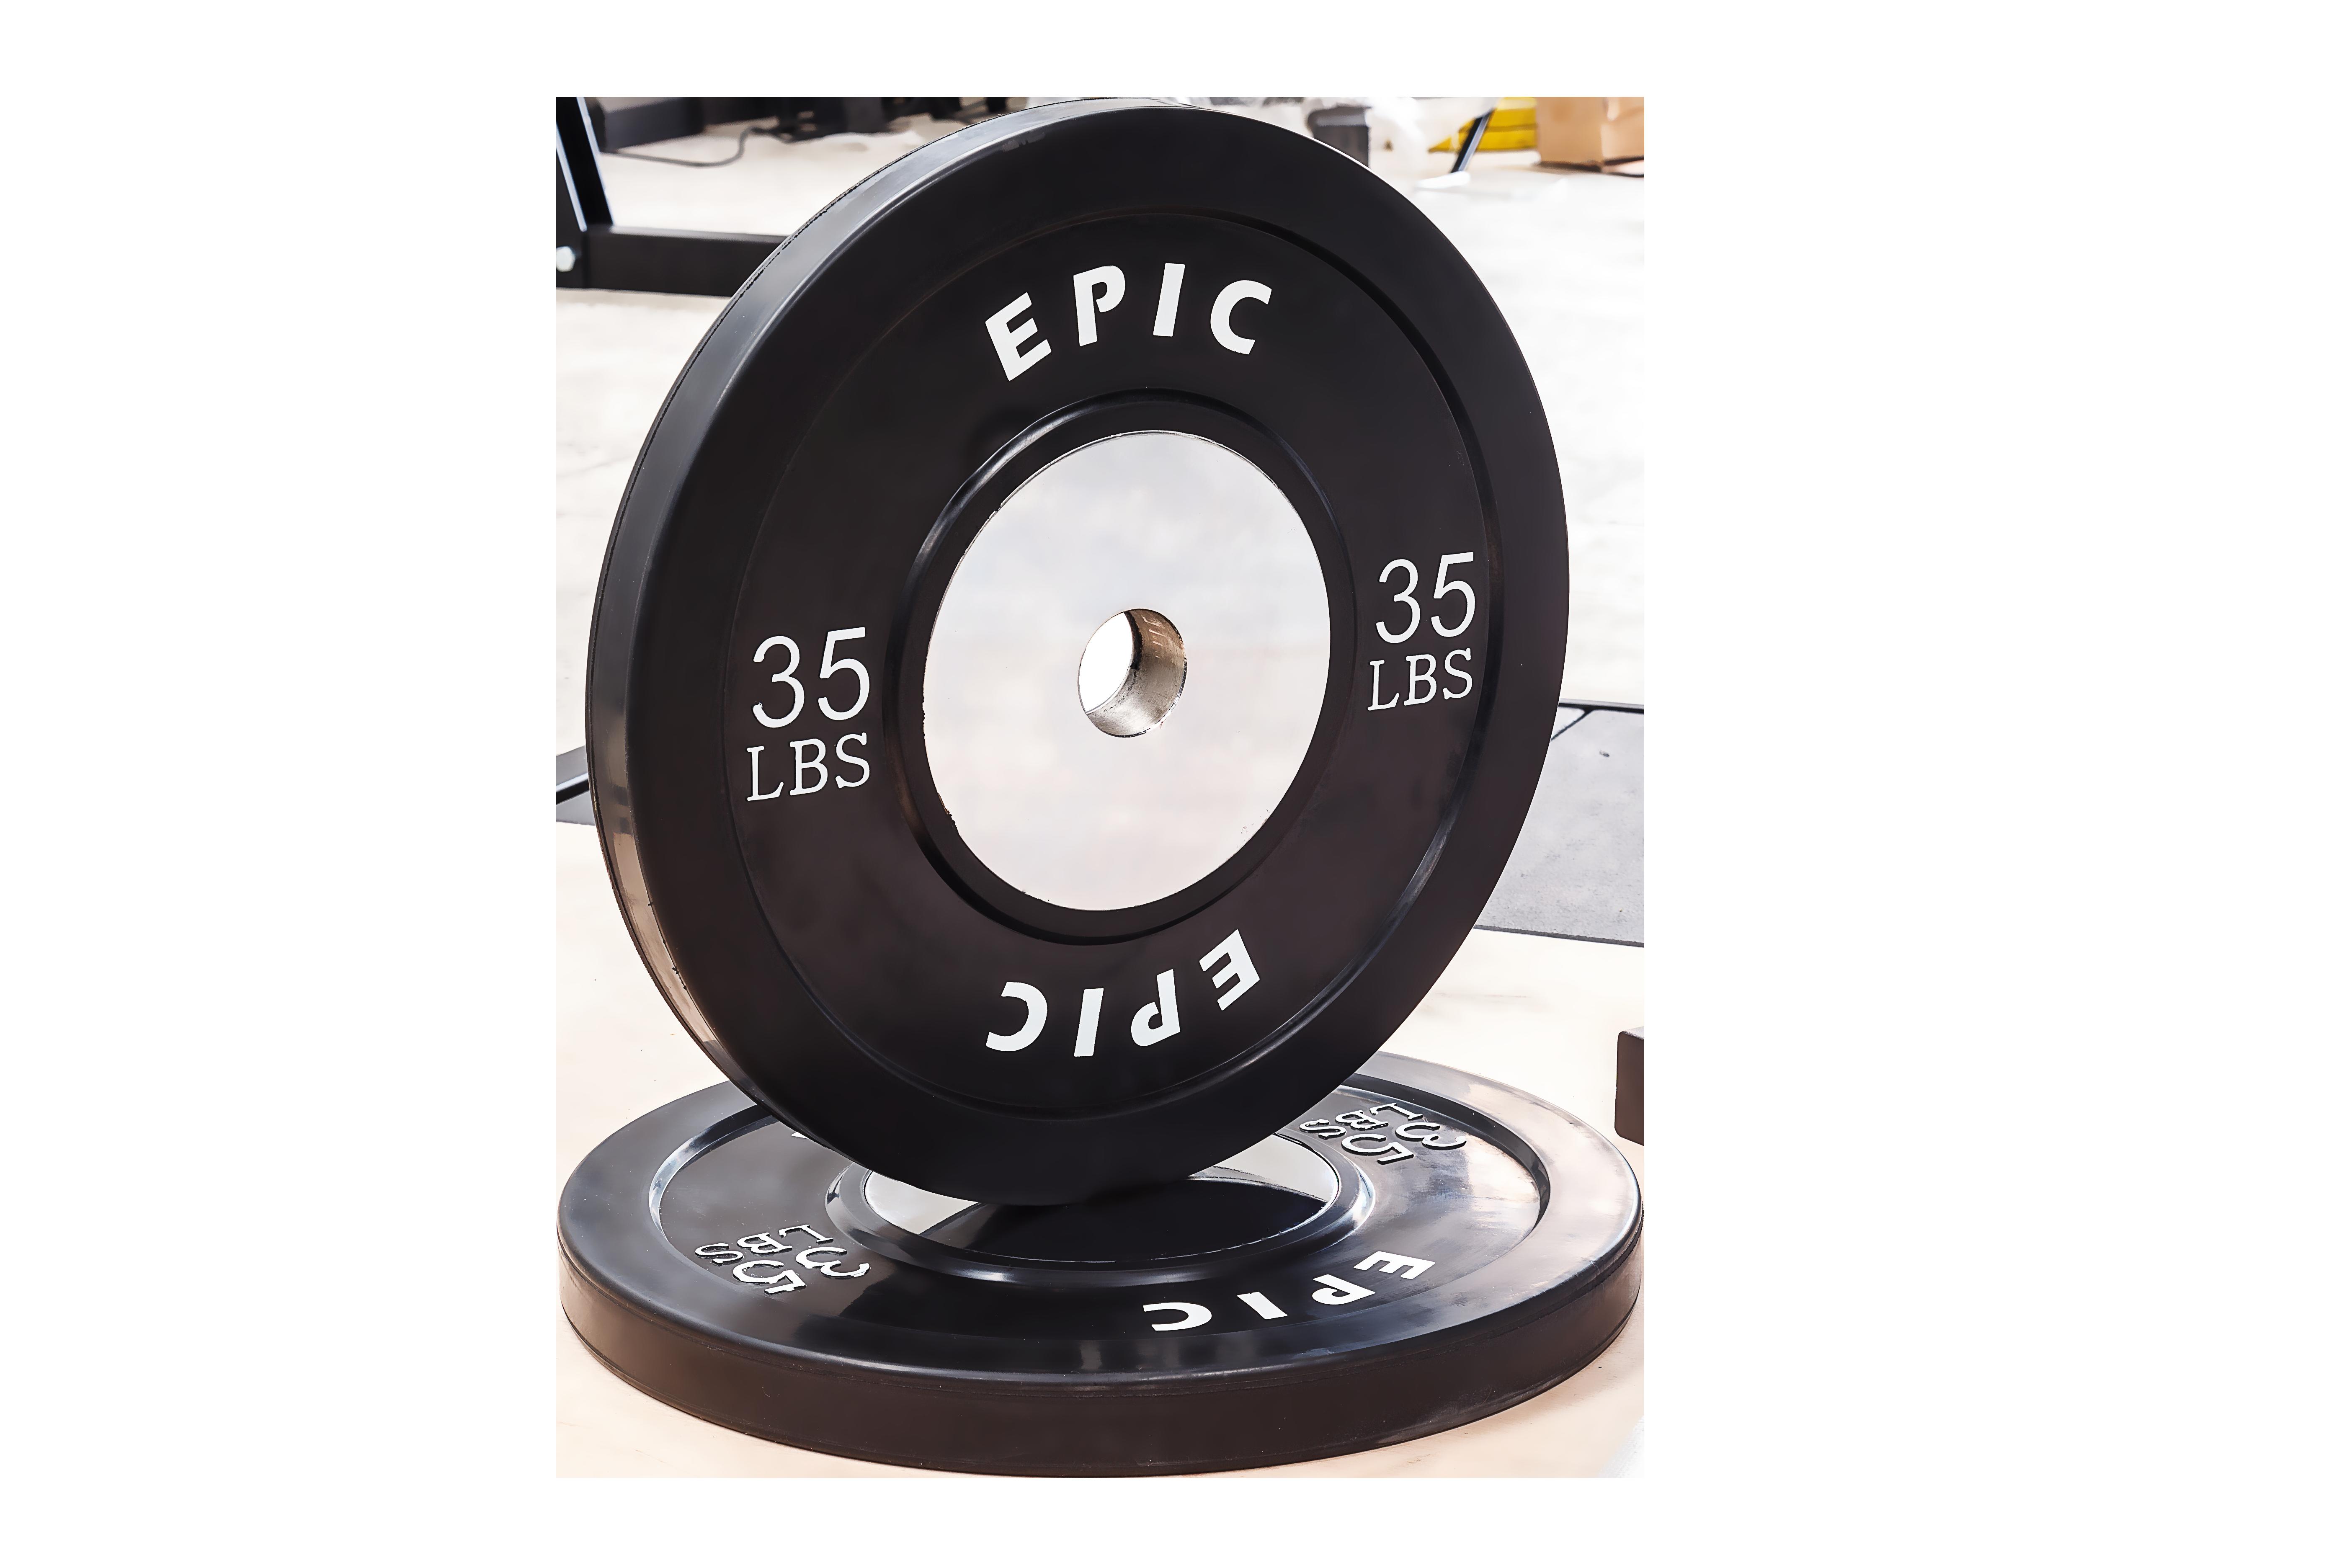 disco olímpico 45lbs, disco para crossfit de 45 lbs